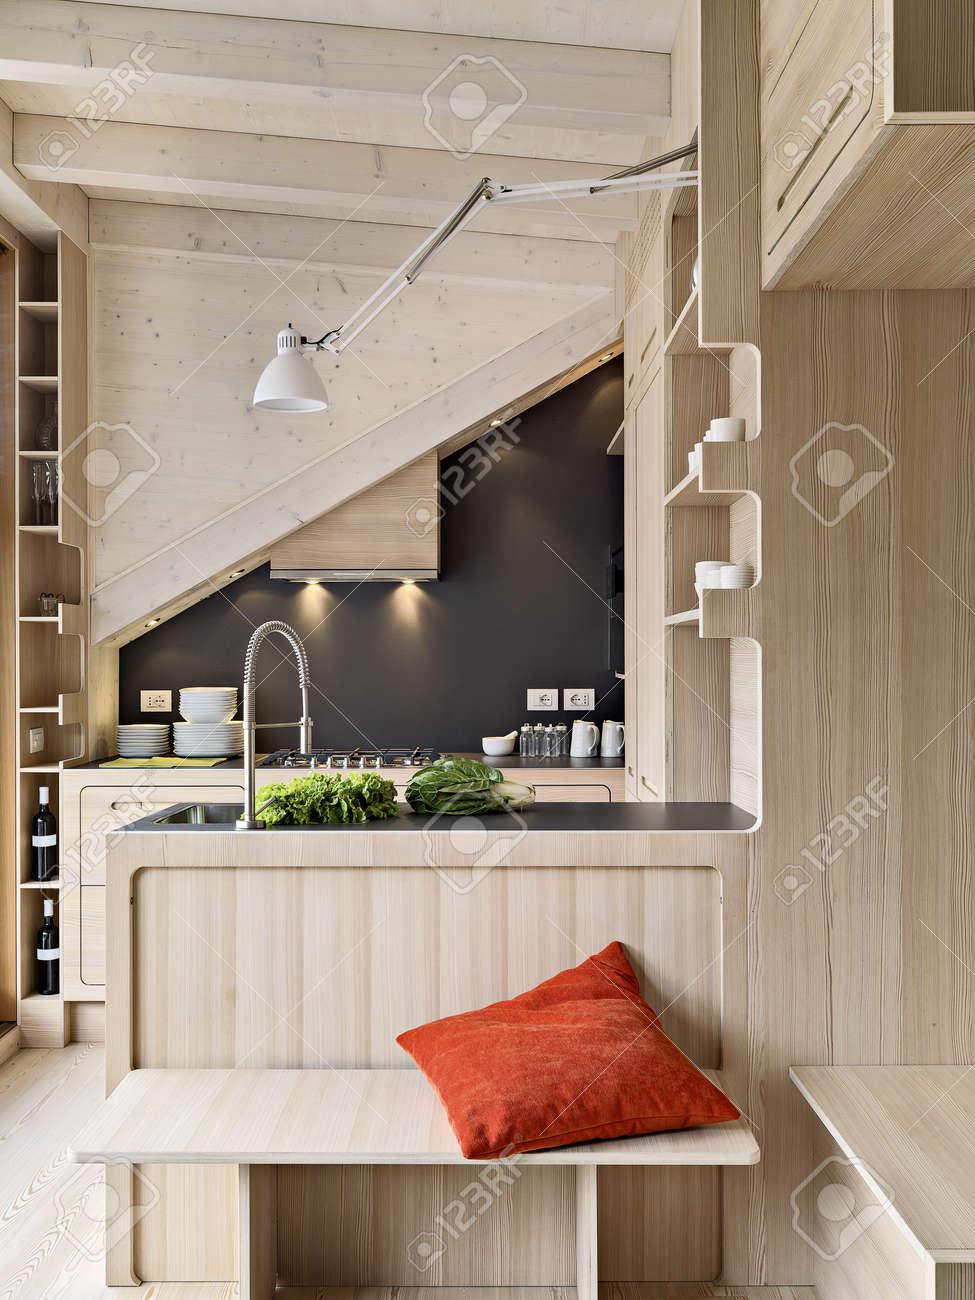 foreground on wooden modern kitchen island in the attic room Standard-Bild - 39032377